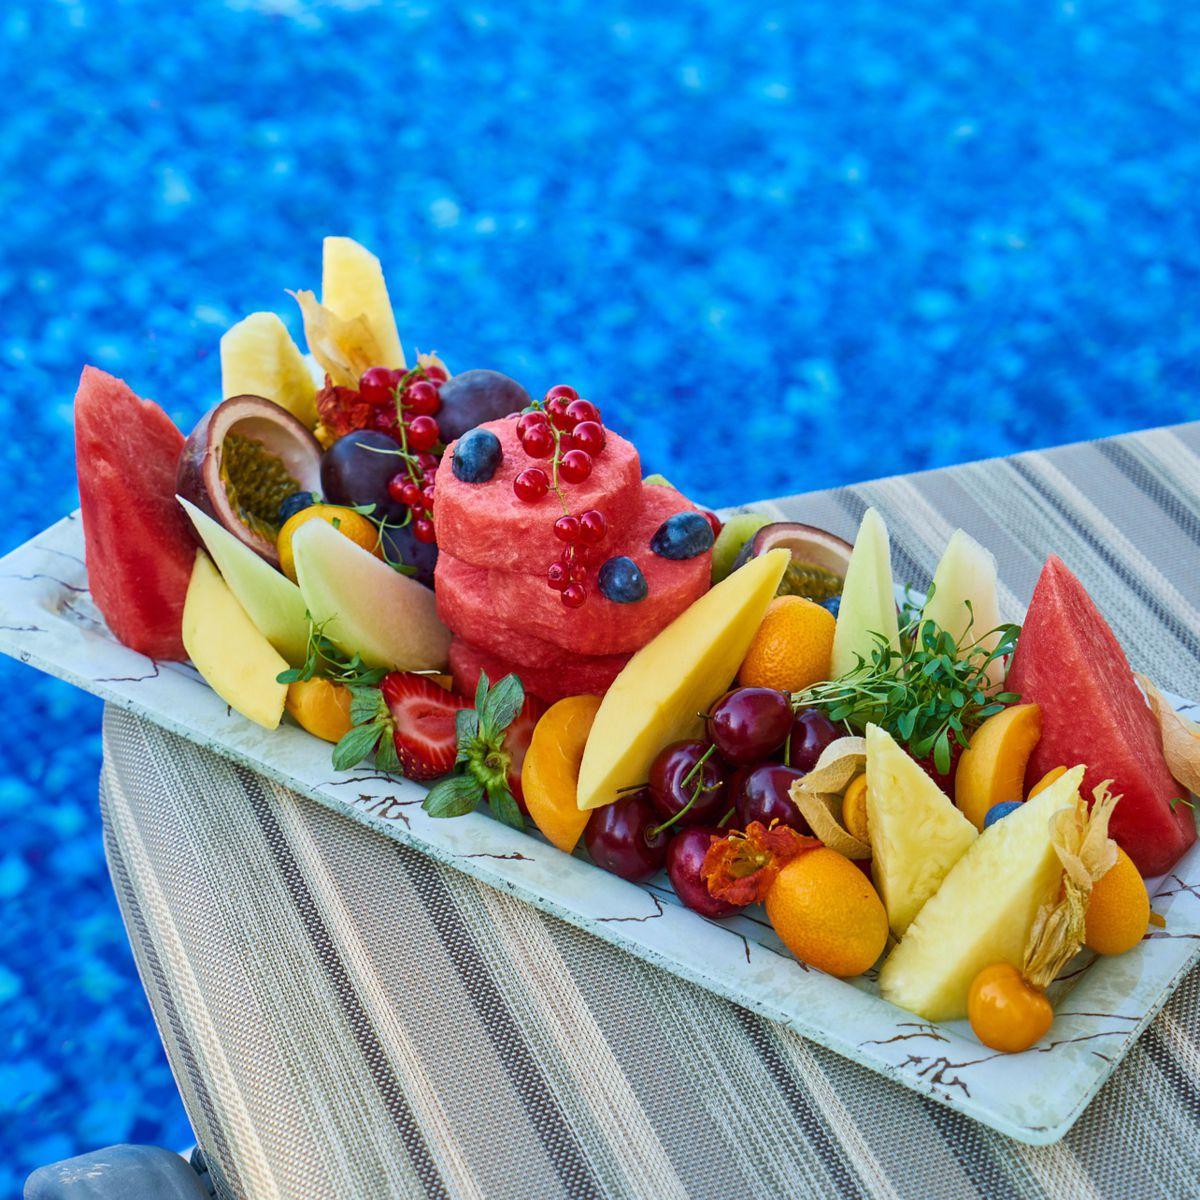 5 Astuces Pour Protéger Les Fruits Et Légumes De La Chaleur destiné Jeux De Fruit Et Legume Coupé